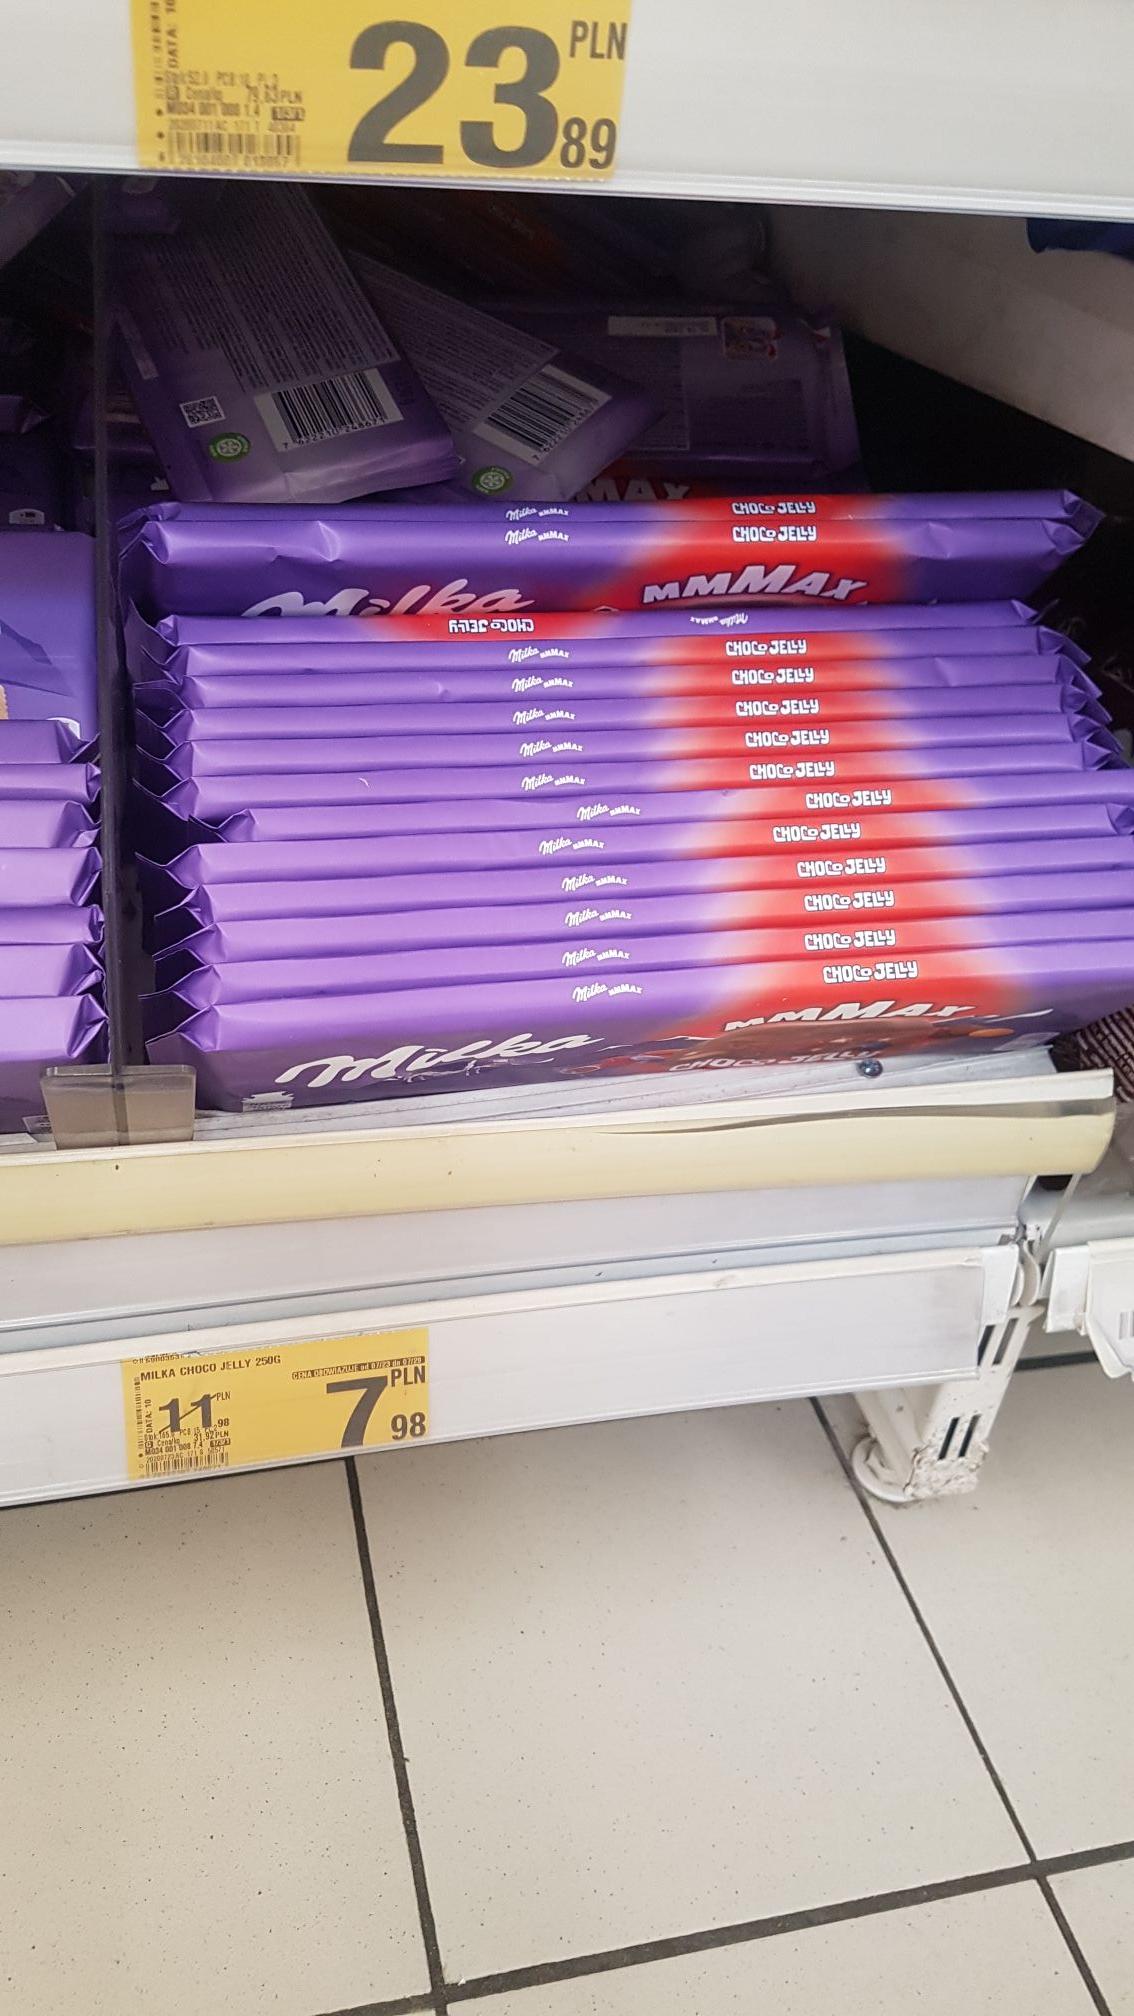 Milka Mmmax 276g Peanut and Caramel 276g, Choco Jelly 250g, Choco & Biscuit 300g @Auchan Kraków Bora Komorowskiego